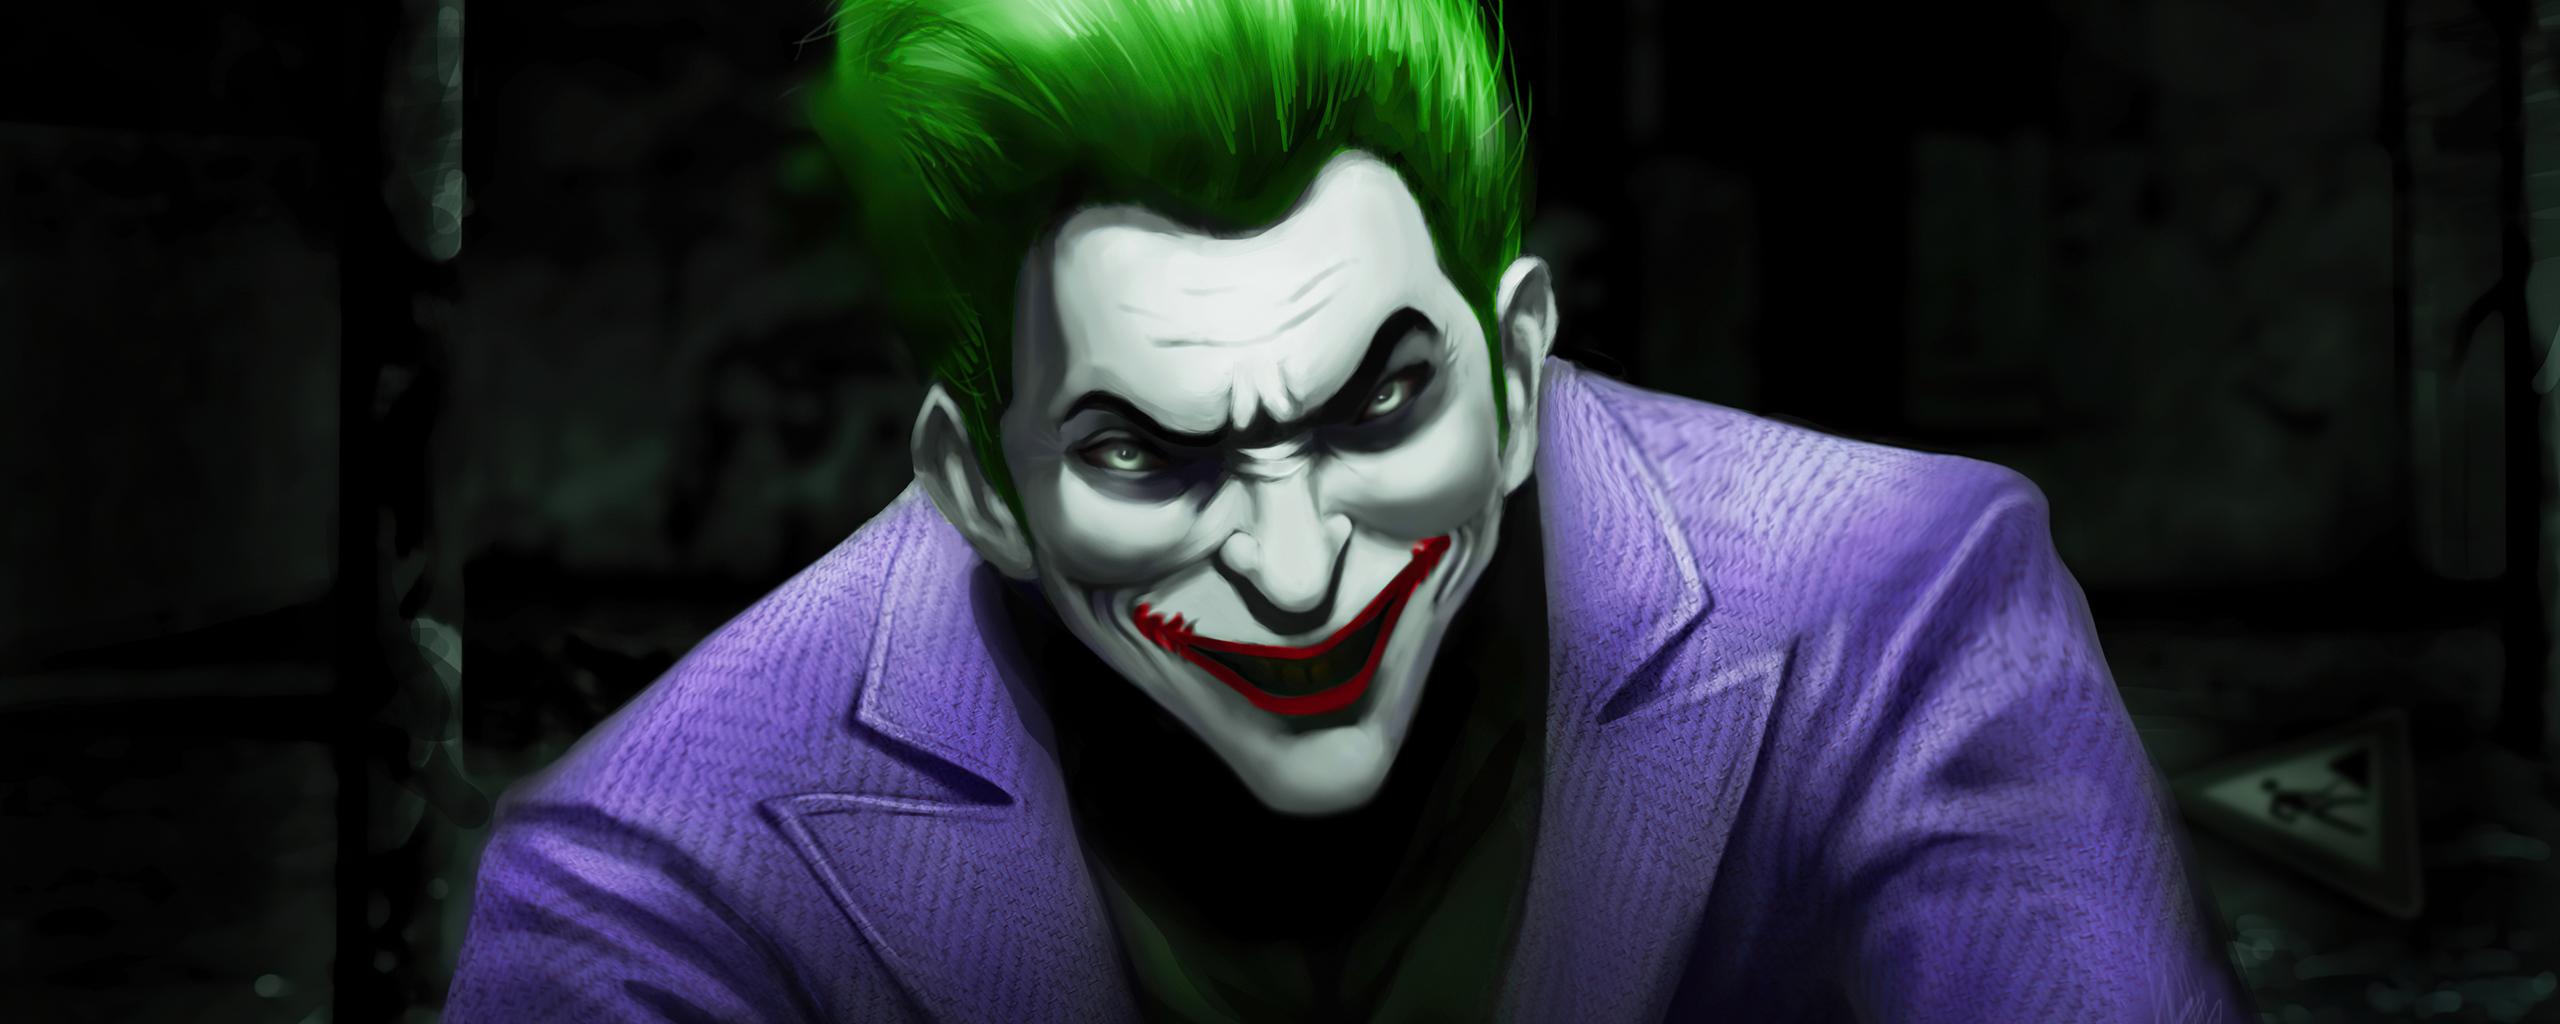 joker-count-your-odds-4k-i5.jpg